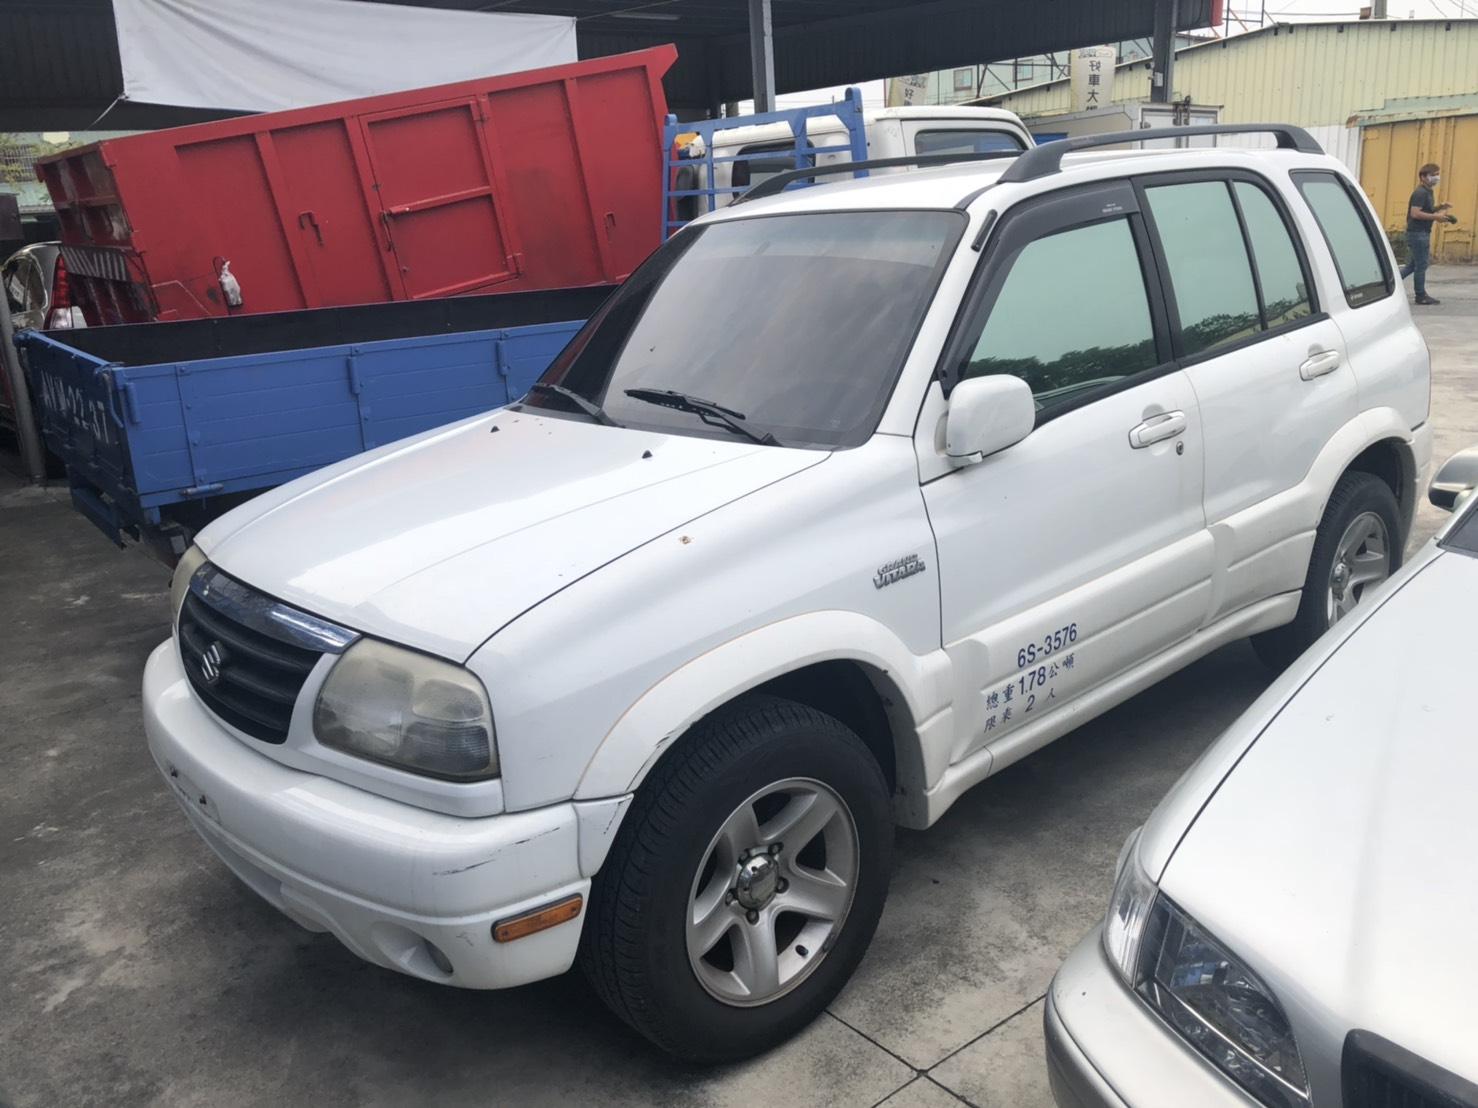 2002 Suzuki 鈴木 Grand vitara